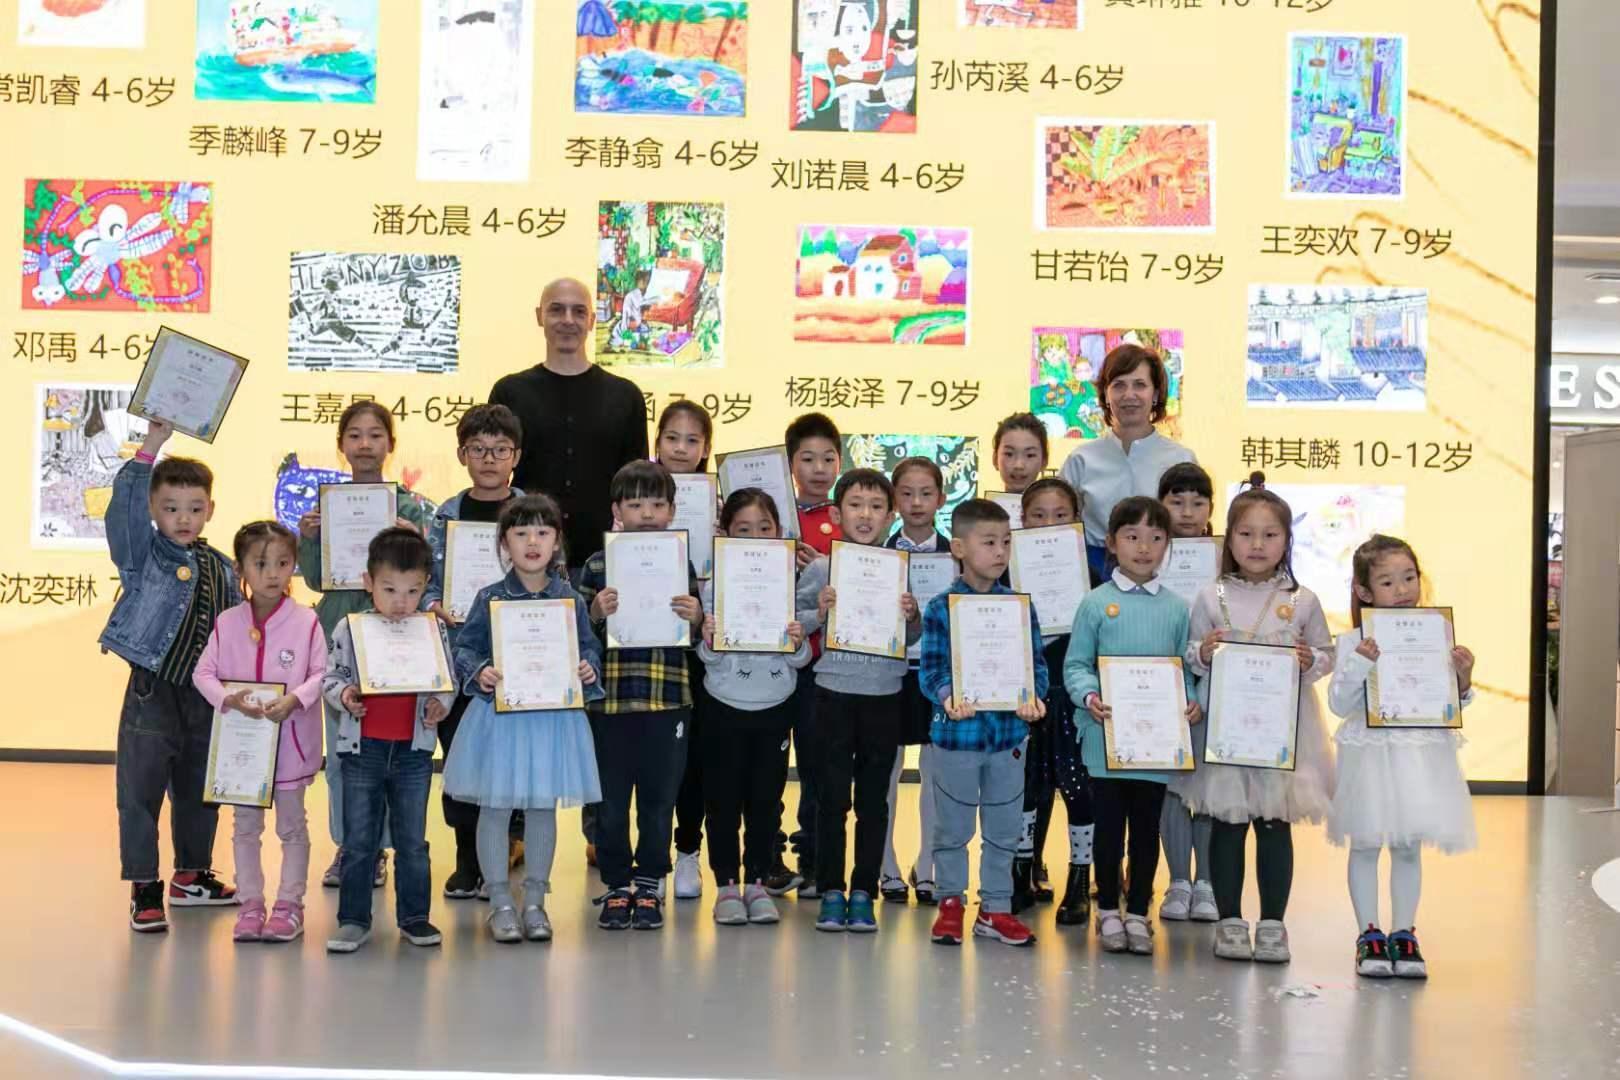 橙梦想•小小插画家大赛举行颁奖典礼